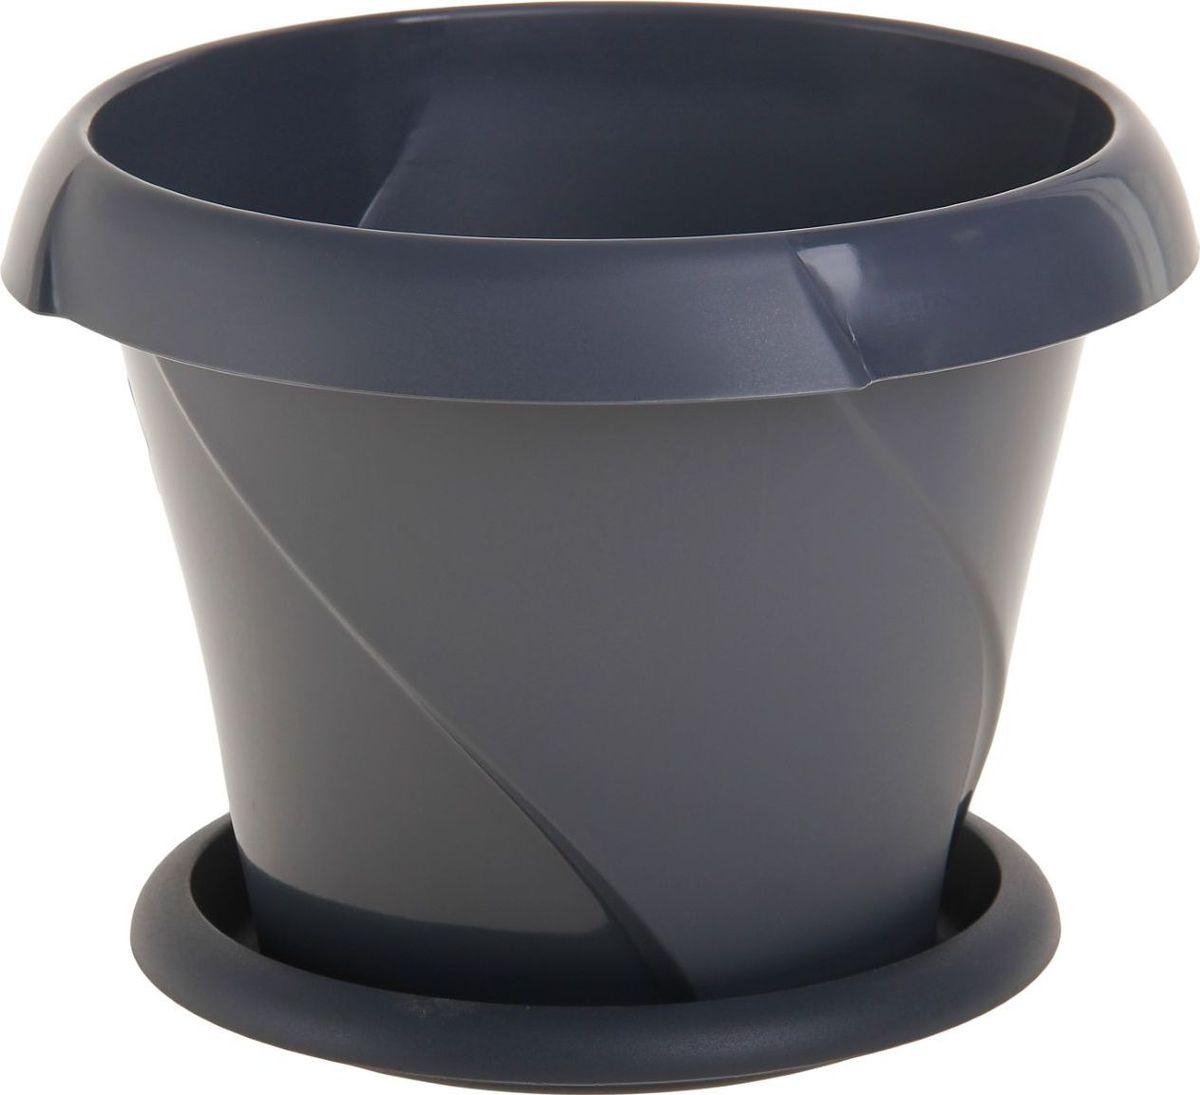 Кашпо Martika Флориана, с поддоном, цвет: серый, 27 х 27 х 21 см1159920Любой, даже самый современный и продуманный интерьер будет не завершённым без растений. Они не только очищают воздух и насыщают его кислородом, но и заметно украшают окружающее пространство. Такому полезному &laquo члену семьи&raquoпросто необходимо красивое и функциональное кашпо, оригинальный горшок или необычная ваза! Мы предлагаем - Кашпо с поддоником 5,4 л Флориана d=27 см, цвет серый!Оптимальный выбор материала &mdash &nbsp пластмасса! Почему мы так считаем? Малый вес. С лёгкостью переносите горшки и кашпо с места на место, ставьте их на столики или полки, подвешивайте под потолок, не беспокоясь о нагрузке. Простота ухода. Пластиковые изделия не нуждаются в специальных условиях хранения. Их&nbsp легко чистить &mdashдостаточно просто сполоснуть тёплой водой. Никаких царапин. Пластиковые кашпо не царапают и не загрязняют поверхности, на которых стоят. Пластик дольше хранит влагу, а значит &mdashрастение реже нуждается в поливе. Пластмасса не пропускает воздух &mdashкорневой системе растения не грозят резкие перепады температур. Огромный выбор форм, декора и расцветок &mdashвы без труда подберёте что-то, что идеально впишется в уже существующий интерьер.Соблюдая нехитрые правила ухода, вы можете заметно продлить срок службы горшков, вазонов и кашпо из пластика: всегда учитывайте размер кроны и корневой системы растения (при разрастании большое растение способно повредить маленький горшок)берегите изделие от воздействия прямых солнечных лучей, чтобы кашпо и горшки не выцветалидержите кашпо и горшки из пластика подальше от нагревающихся поверхностей.Создавайте прекрасные цветочные композиции, выращивайте рассаду или необычные растения, а низкие цены позволят вам не ограничивать себя в выборе.